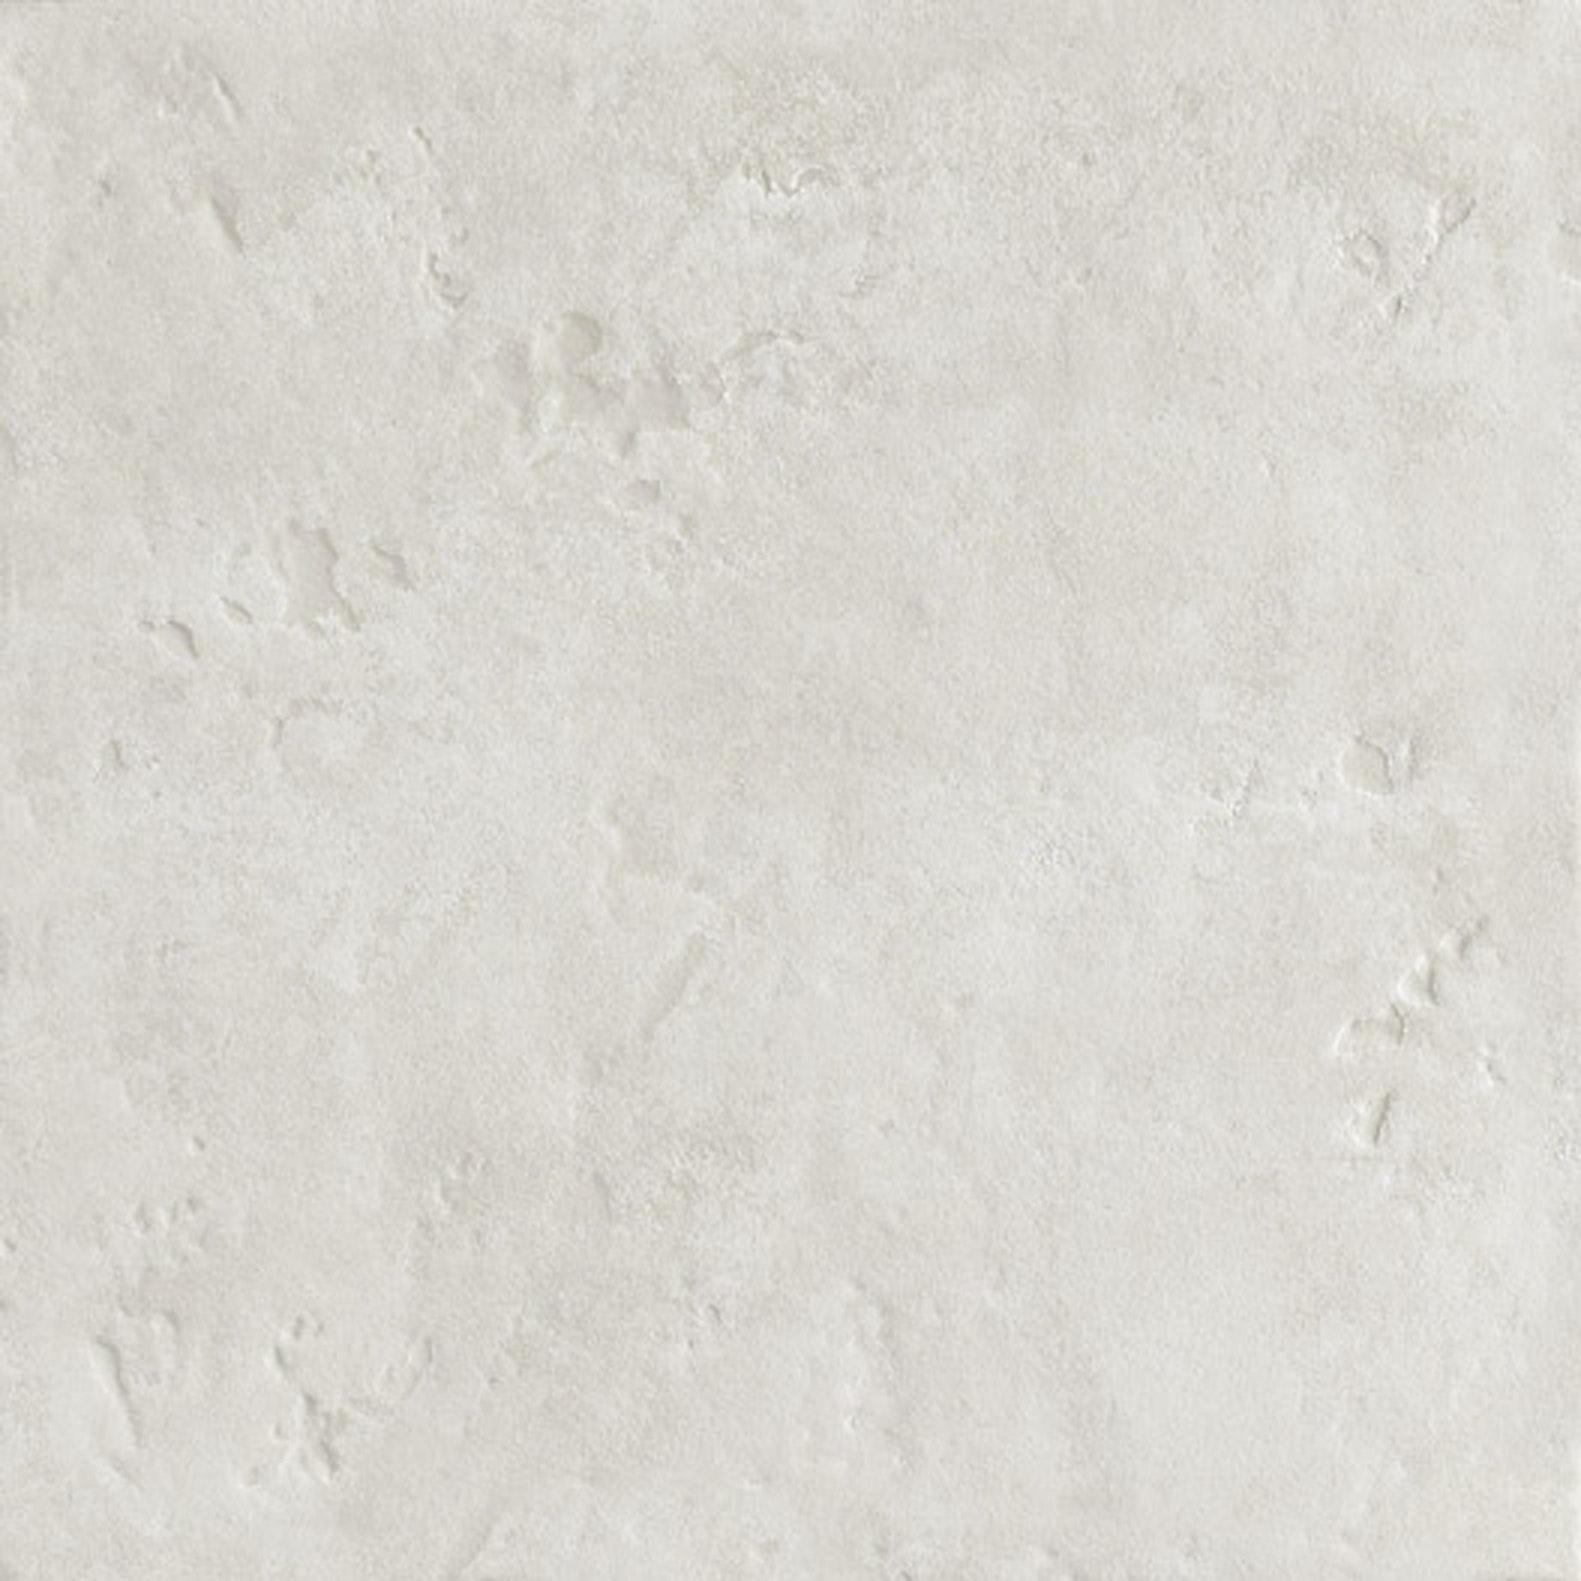 Klinker Cliper Algarve Branco 33x33cm 1,42m2/paket